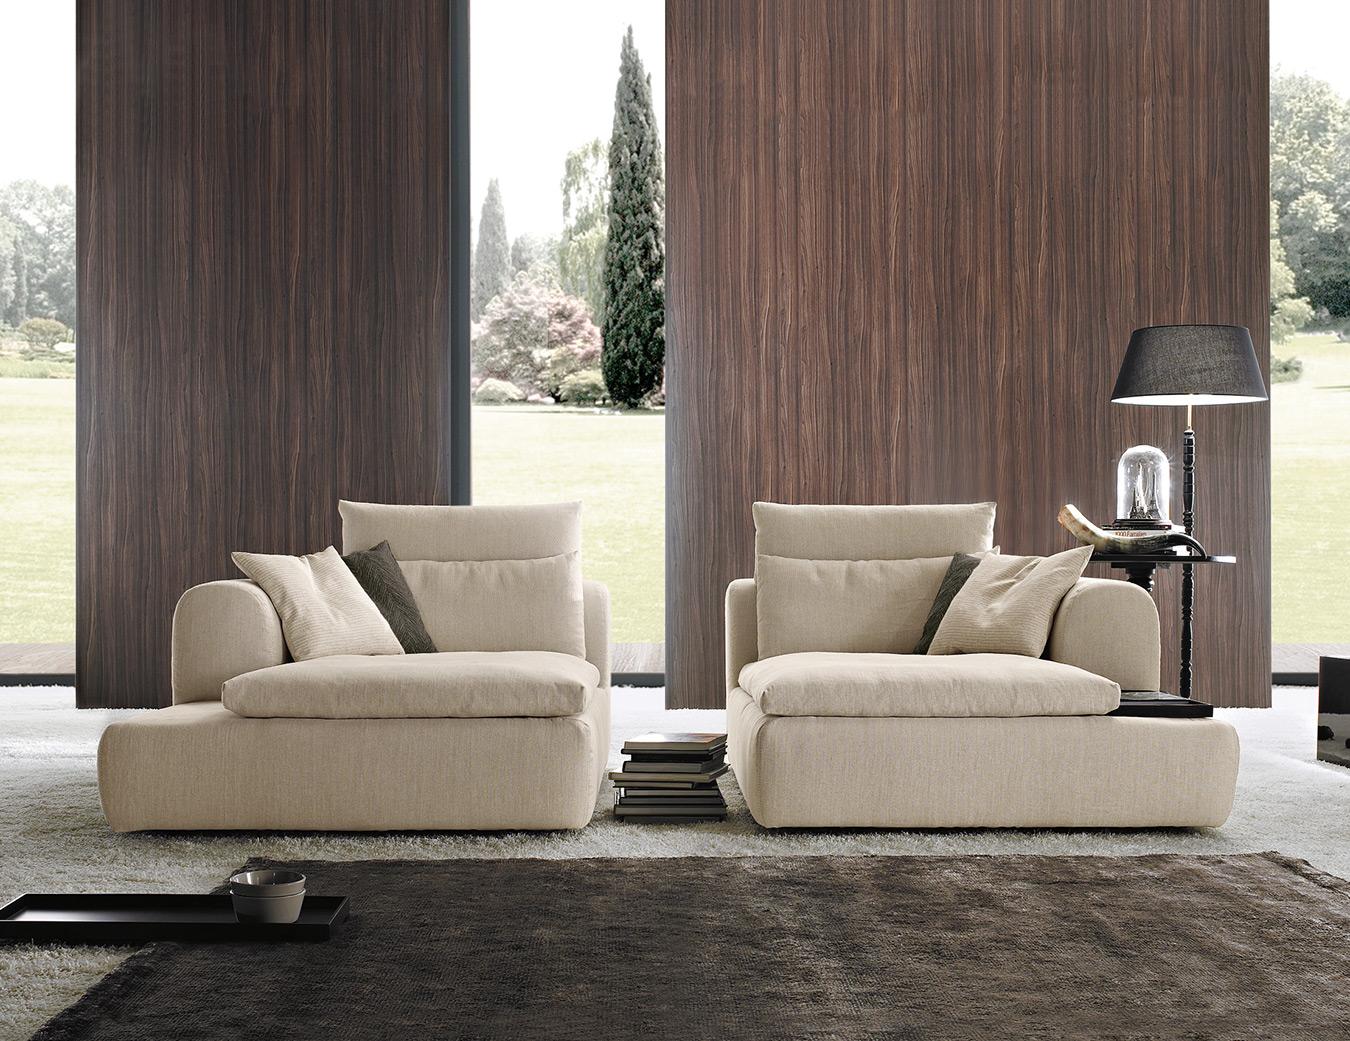 sofa in pieces, kanapes pou mpori na spasi se diaforetika kommatia, beige fabric 2-seater sofa in pieces that can be used as armchairs,